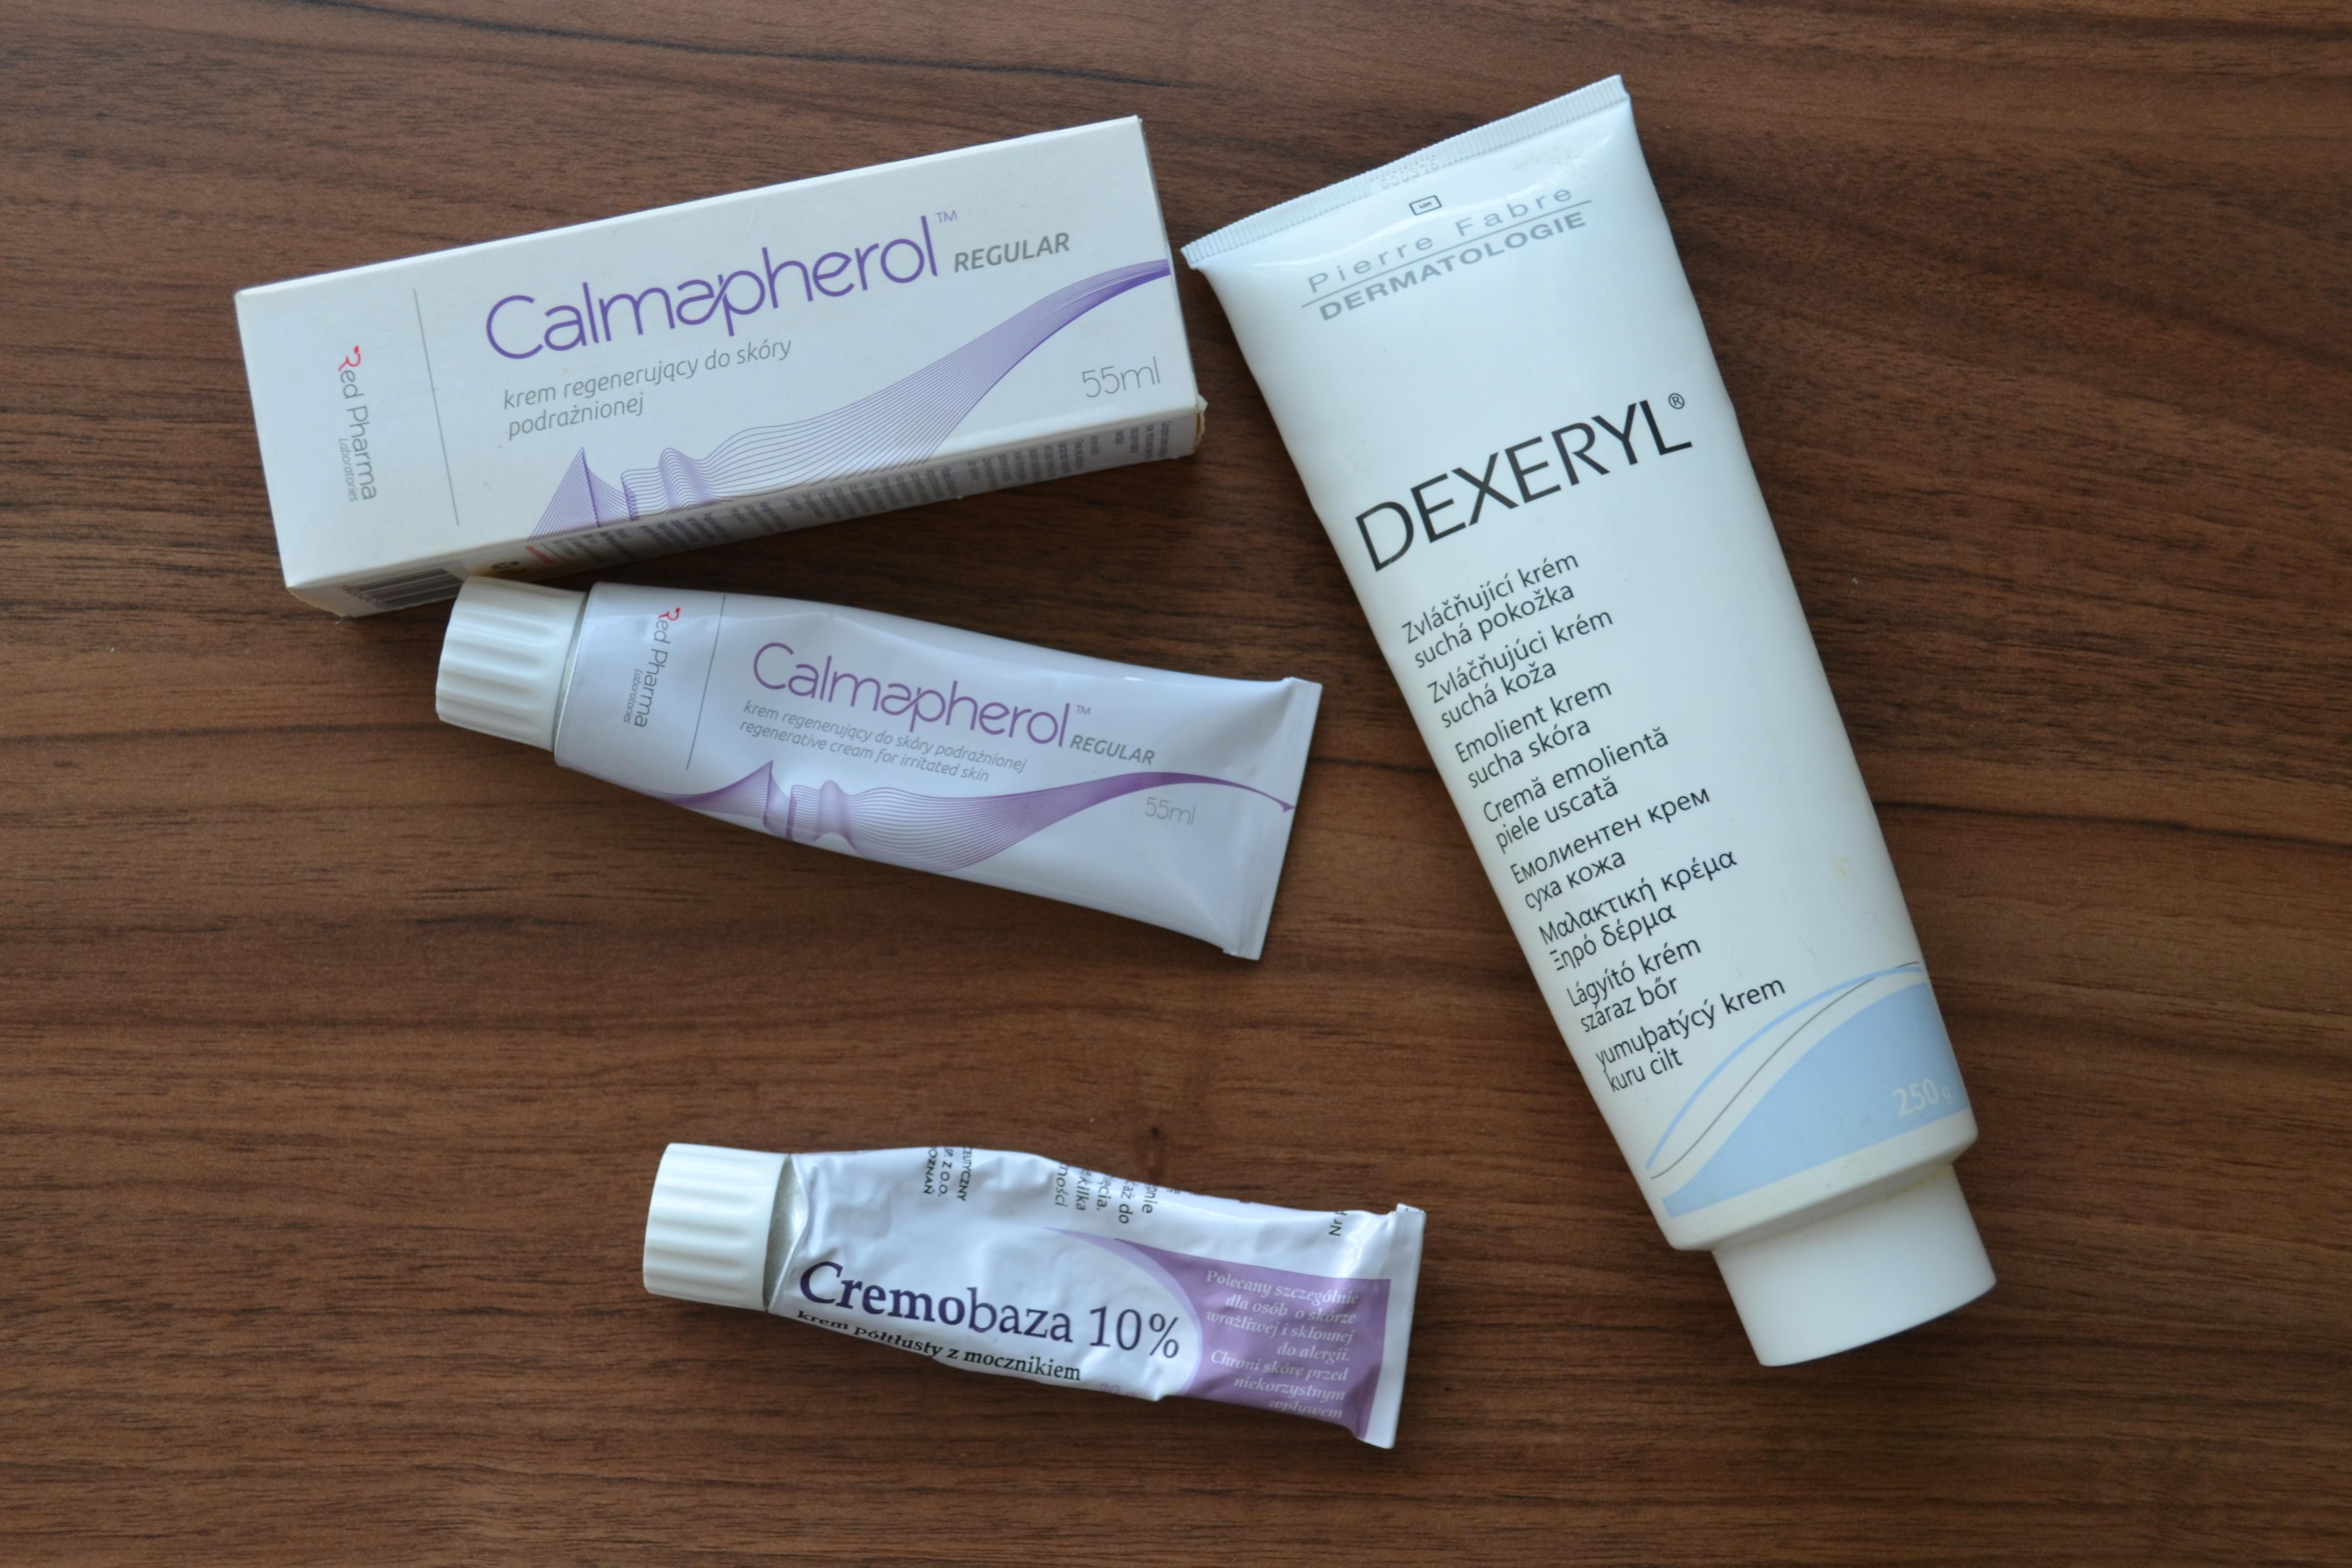 Alergia kontaktowa na kosmetyki – kremy apteczne do bardzo suchej skóry – Dexeryl, Cremobaza 10%, Calmapherol, Idravitae